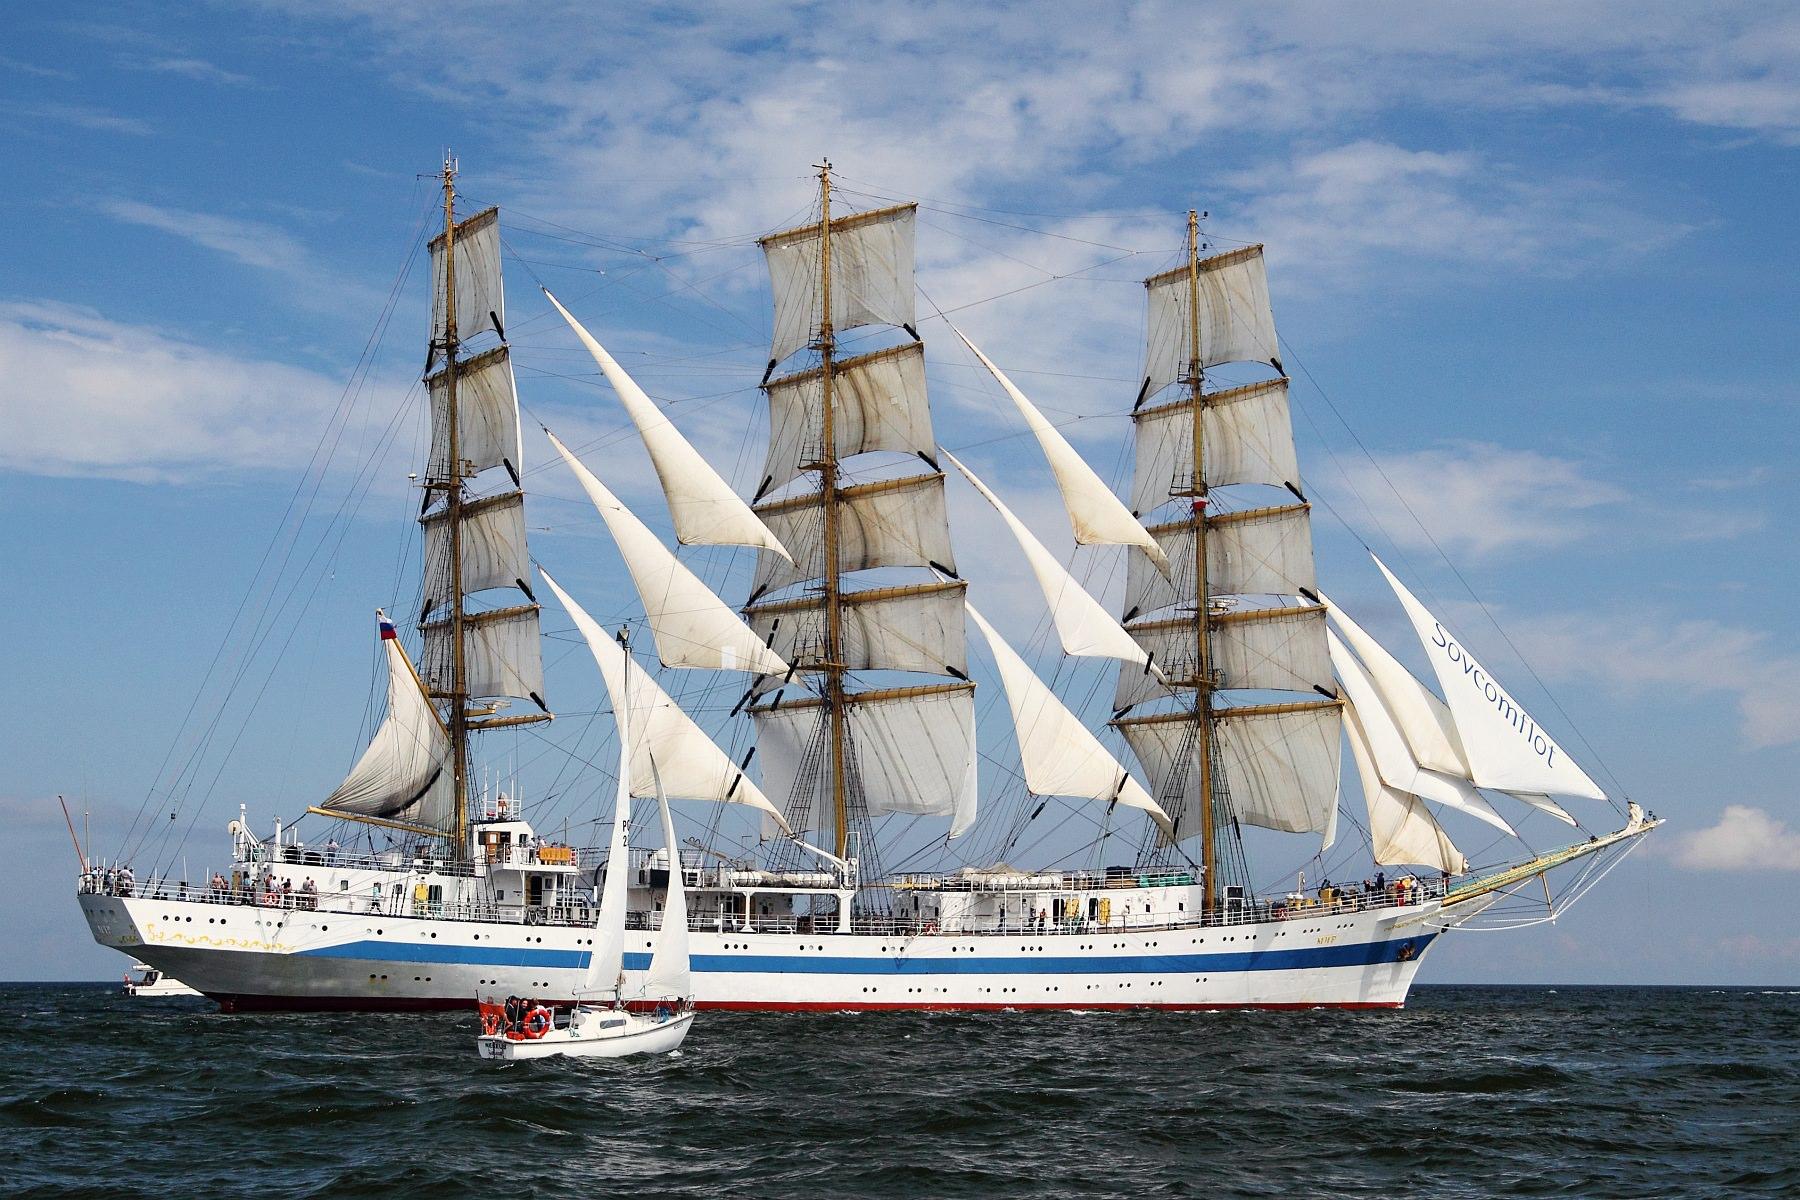 """Zlot Żaglowców Gdynia 2009. Regaty (CUTTY SARK) """"The Tall Ship`s Races"""" cz 2 z 2."""